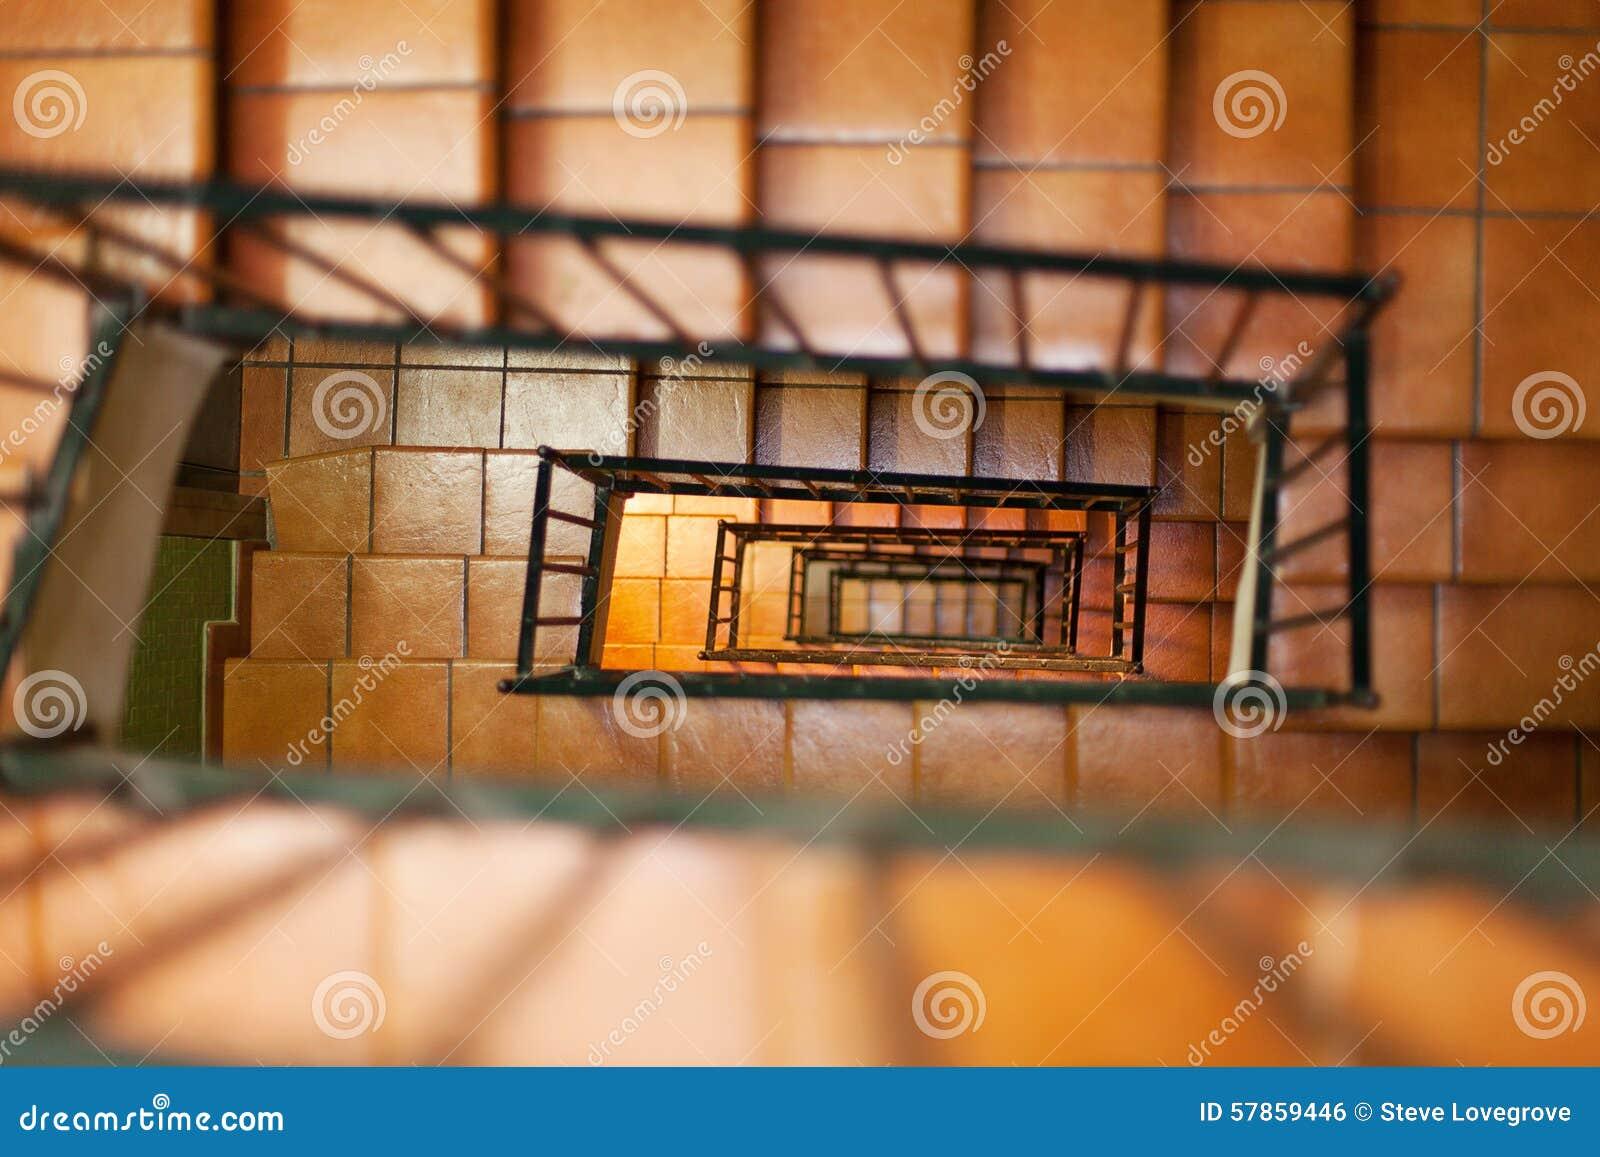 escaleras internas foto de archivo